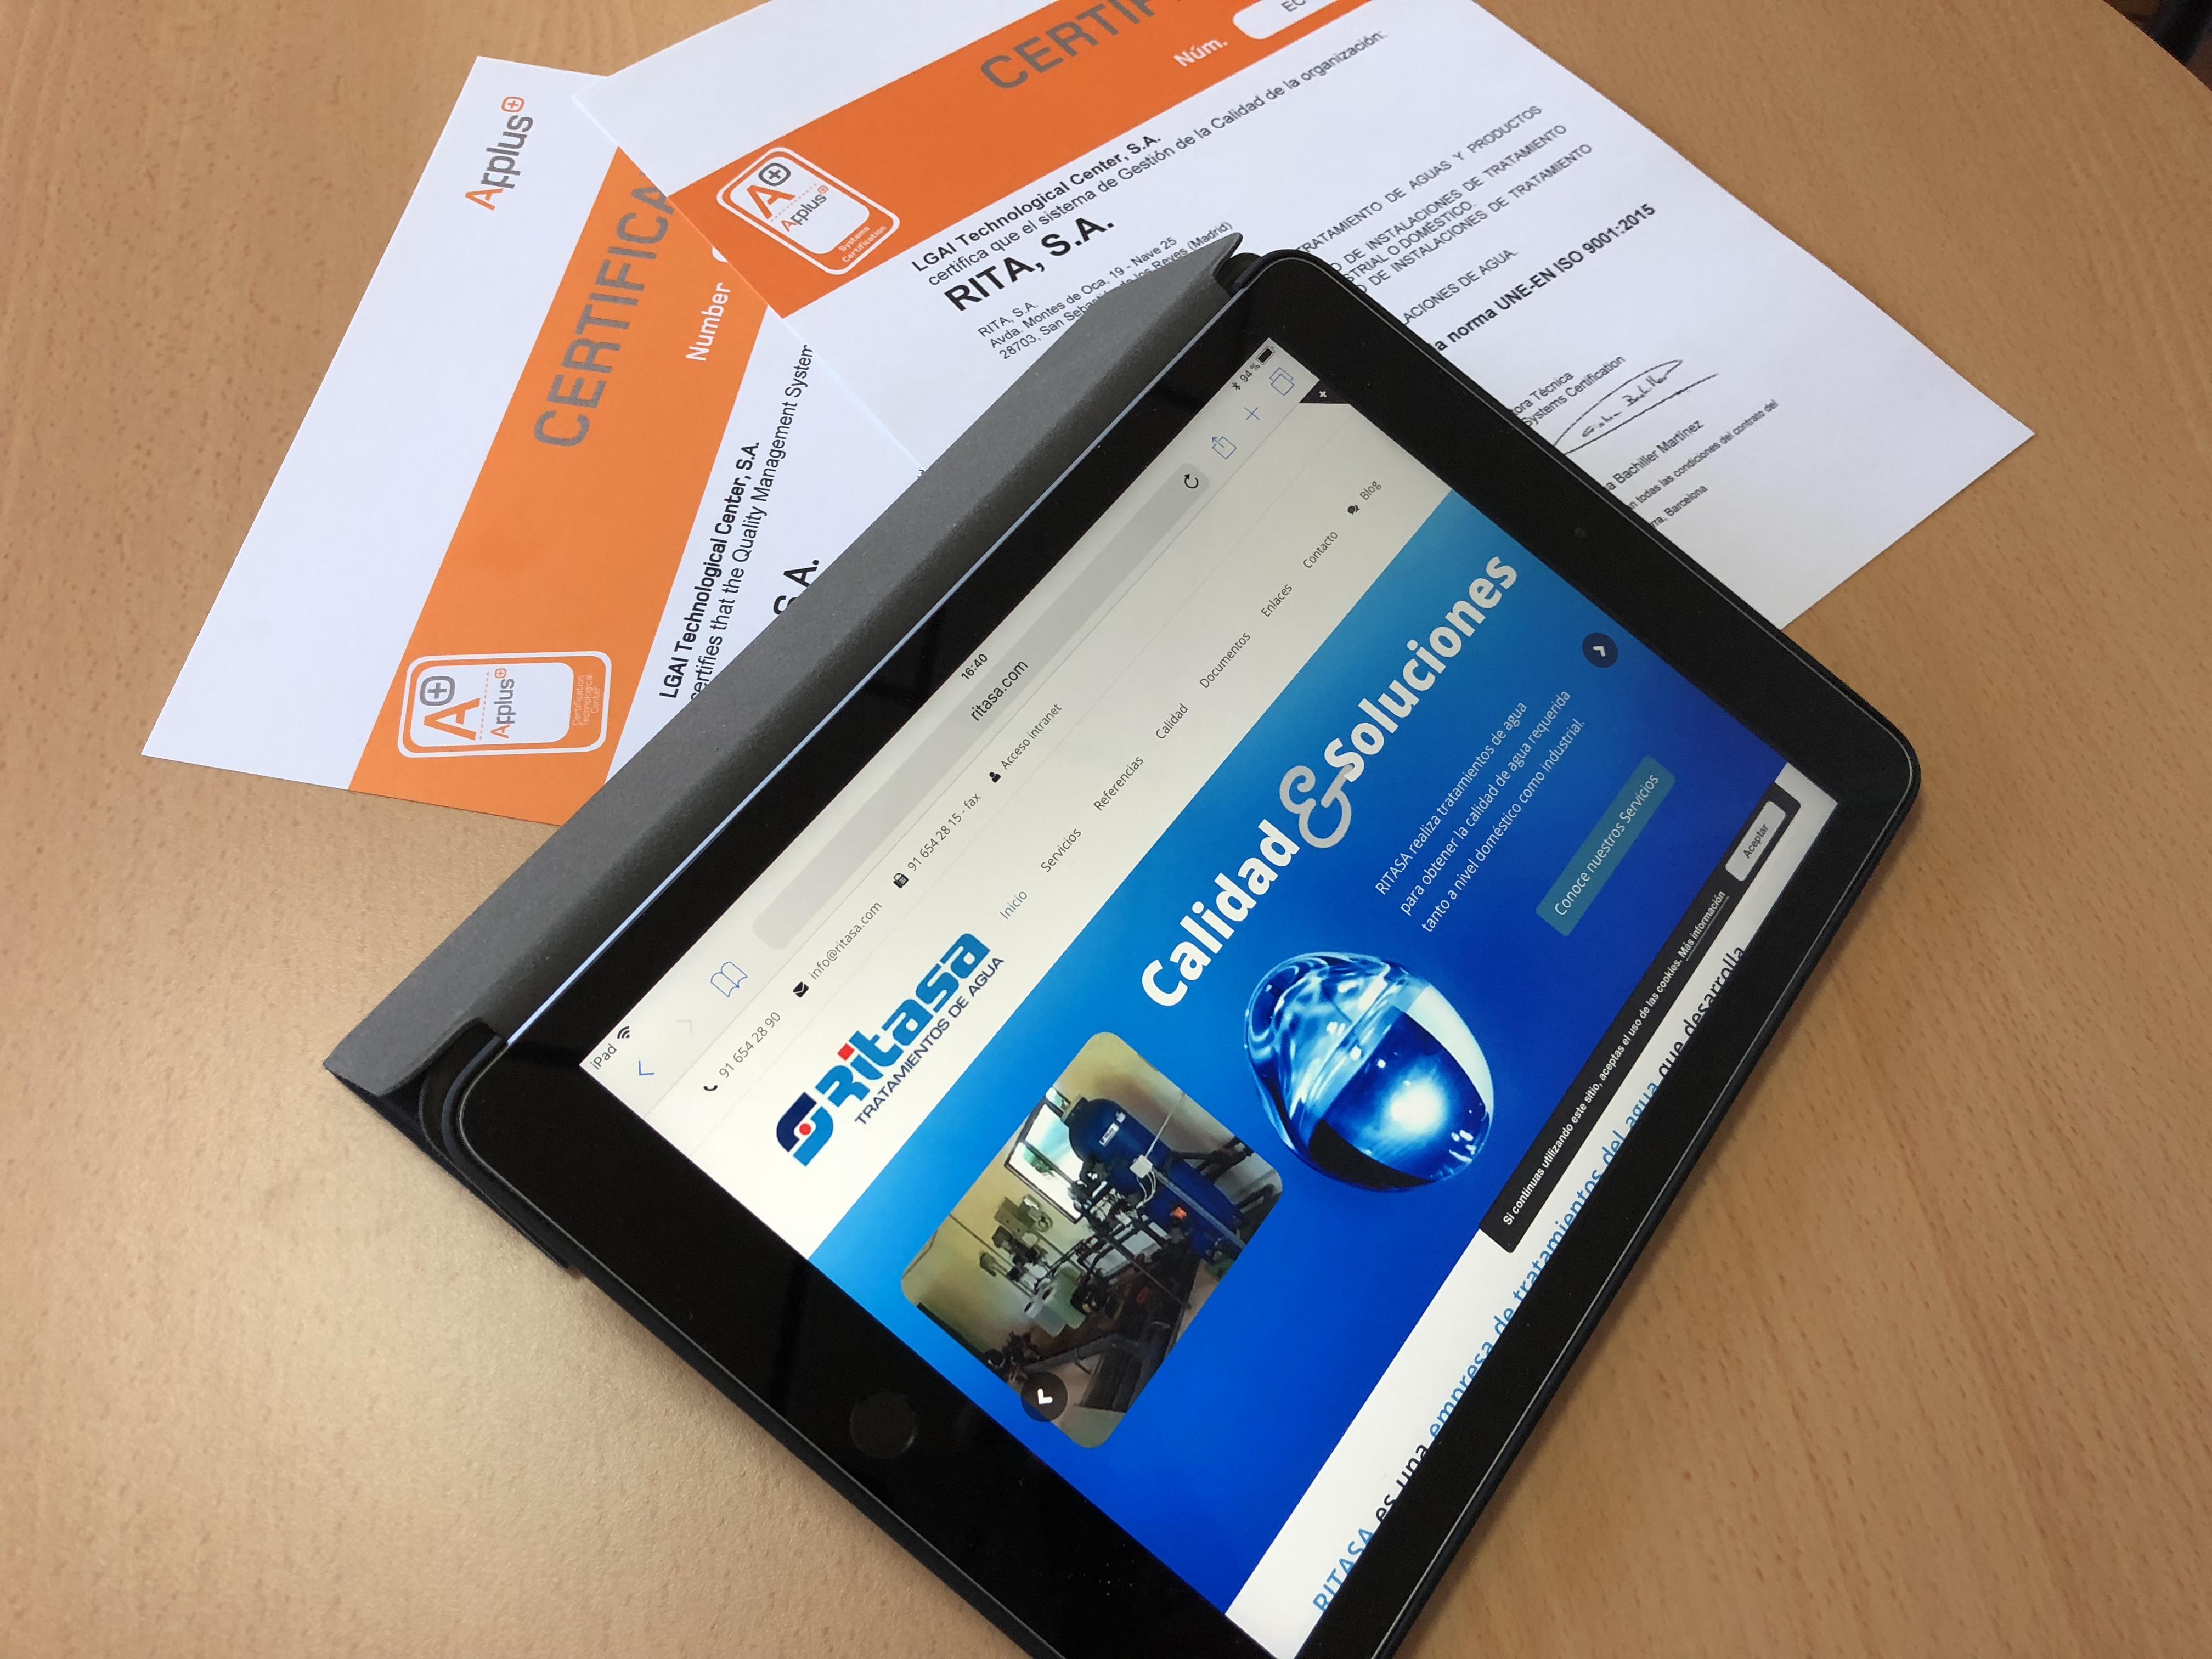 Certificado RITASA Conforme A La Nueva Norma De Calidad UNE-EN ISO 9001:2015 Incorporando El Tratamiento Antilegionella A Su Alcance Habitual De Tratamientos De Agua.